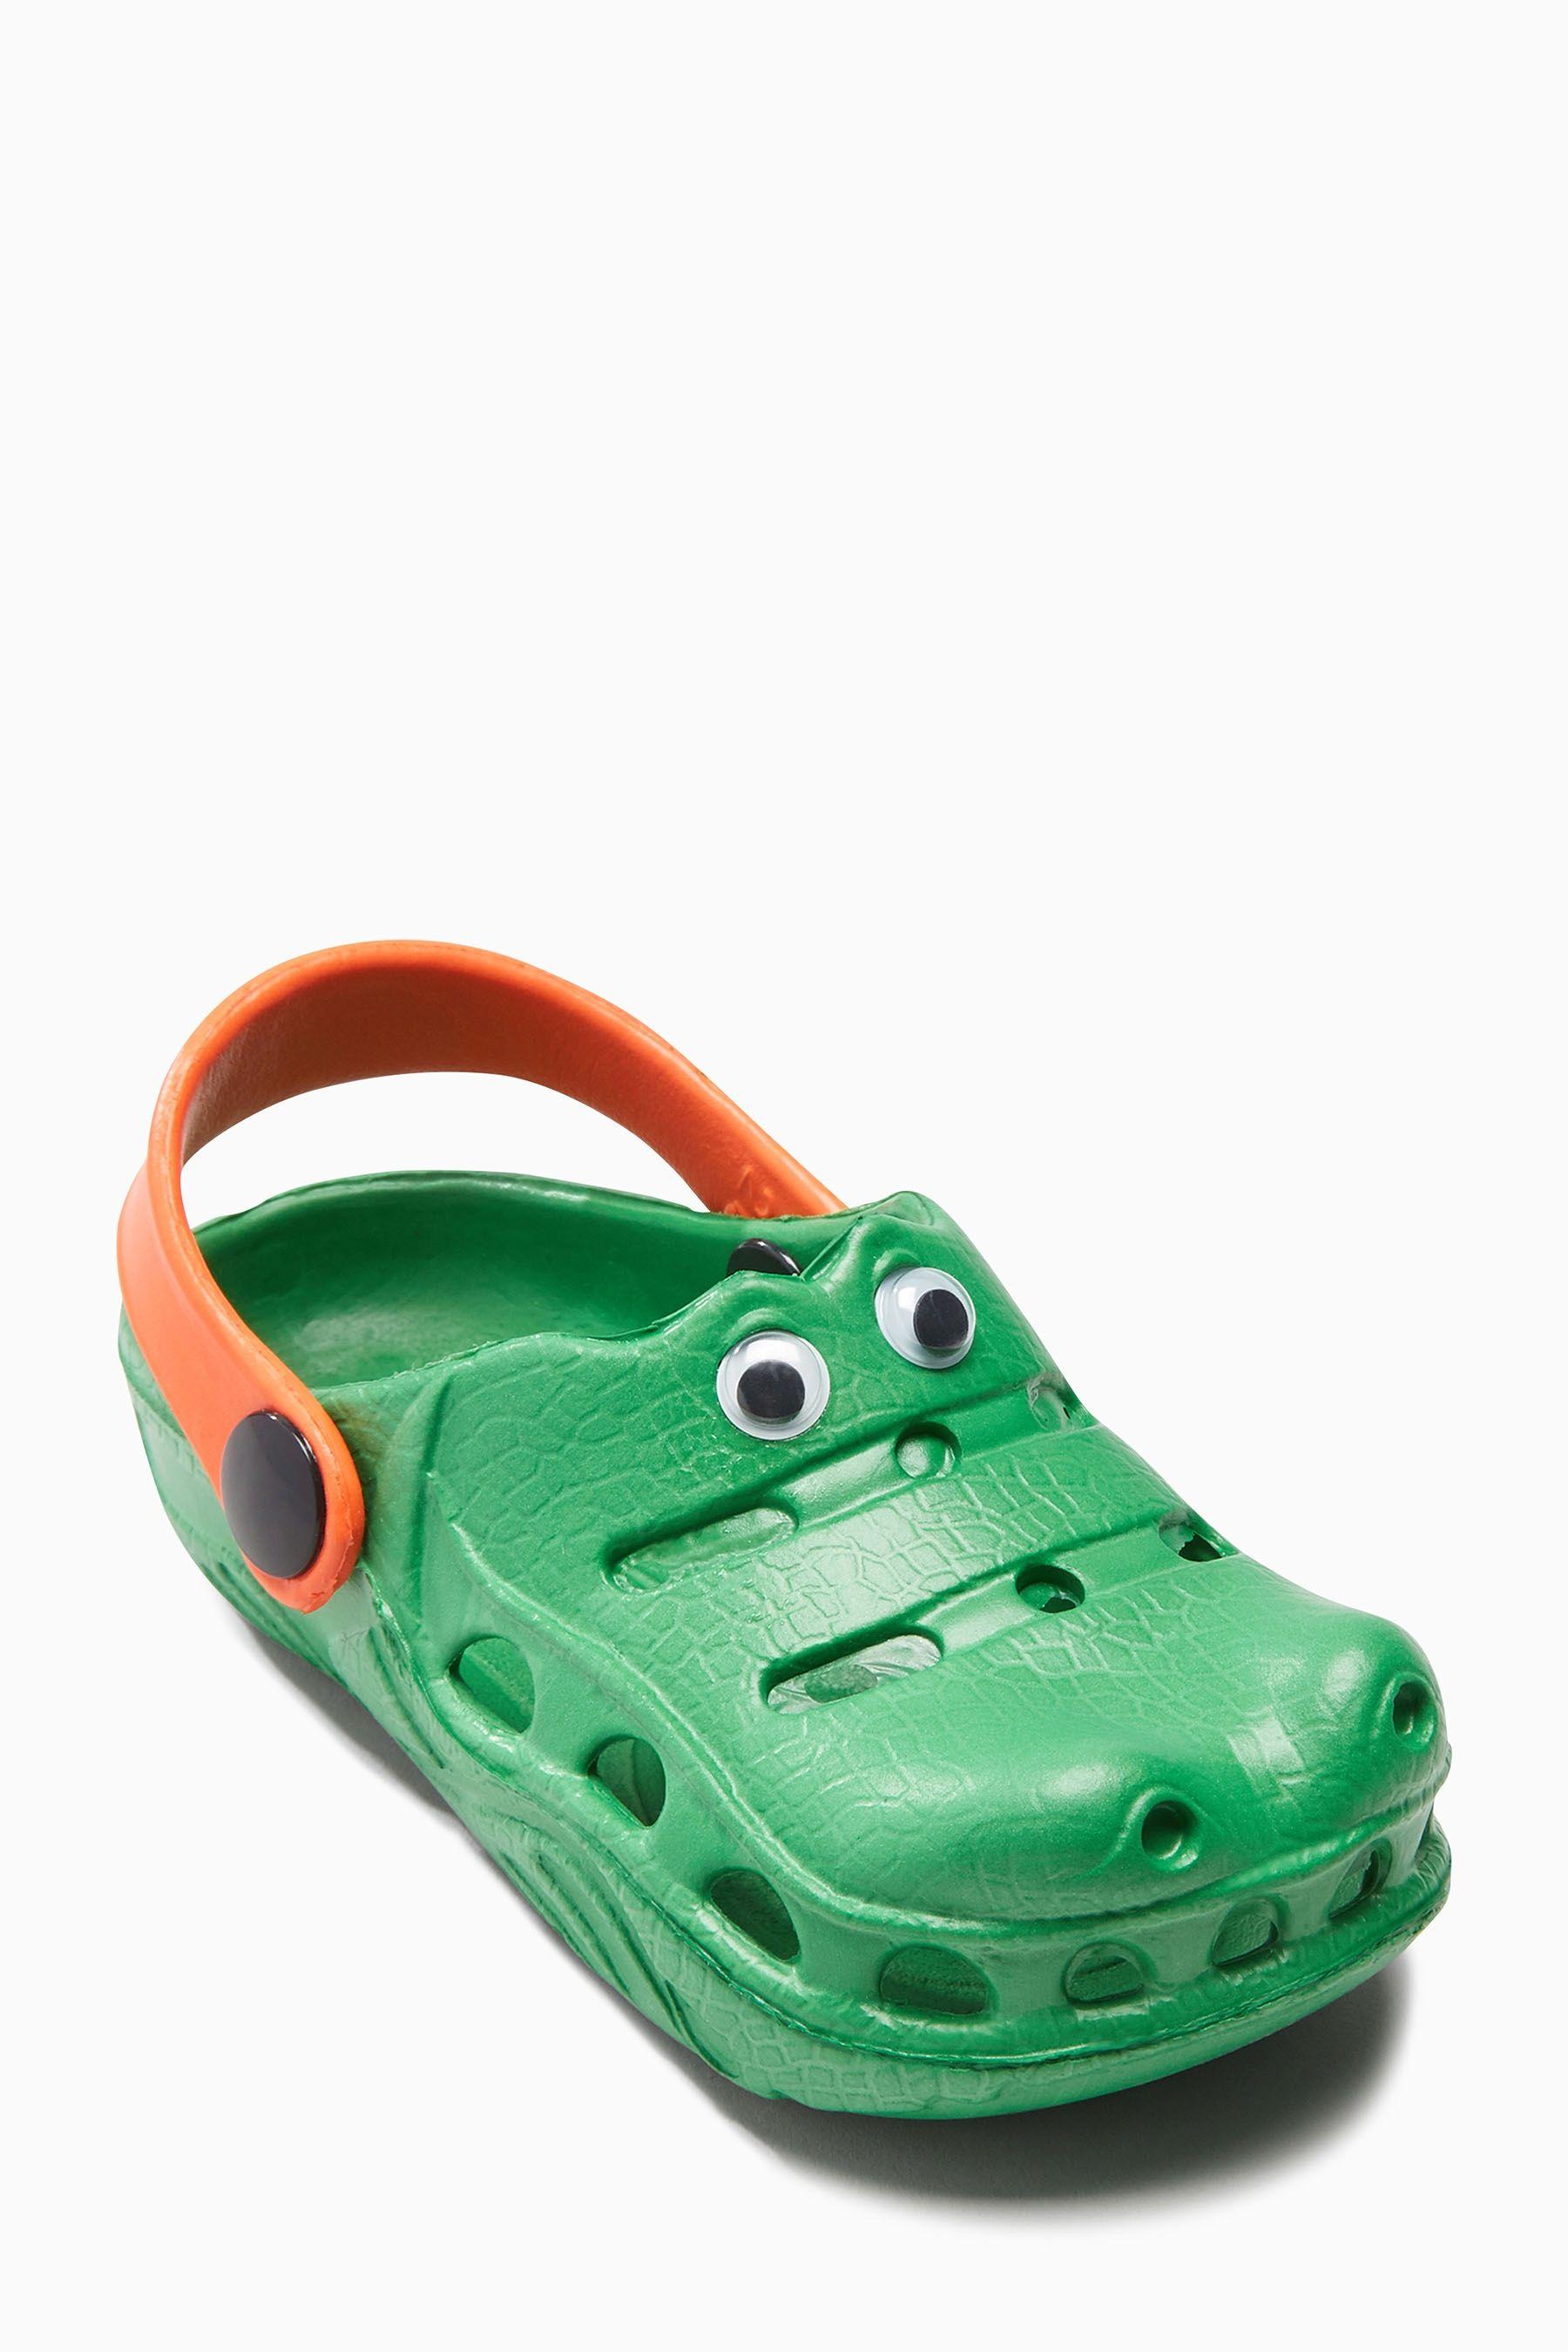 英国采购宝宝拖鞋防滑婴幼儿凉拖鞋儿童洞洞鞋男童沙滩鞋小孩